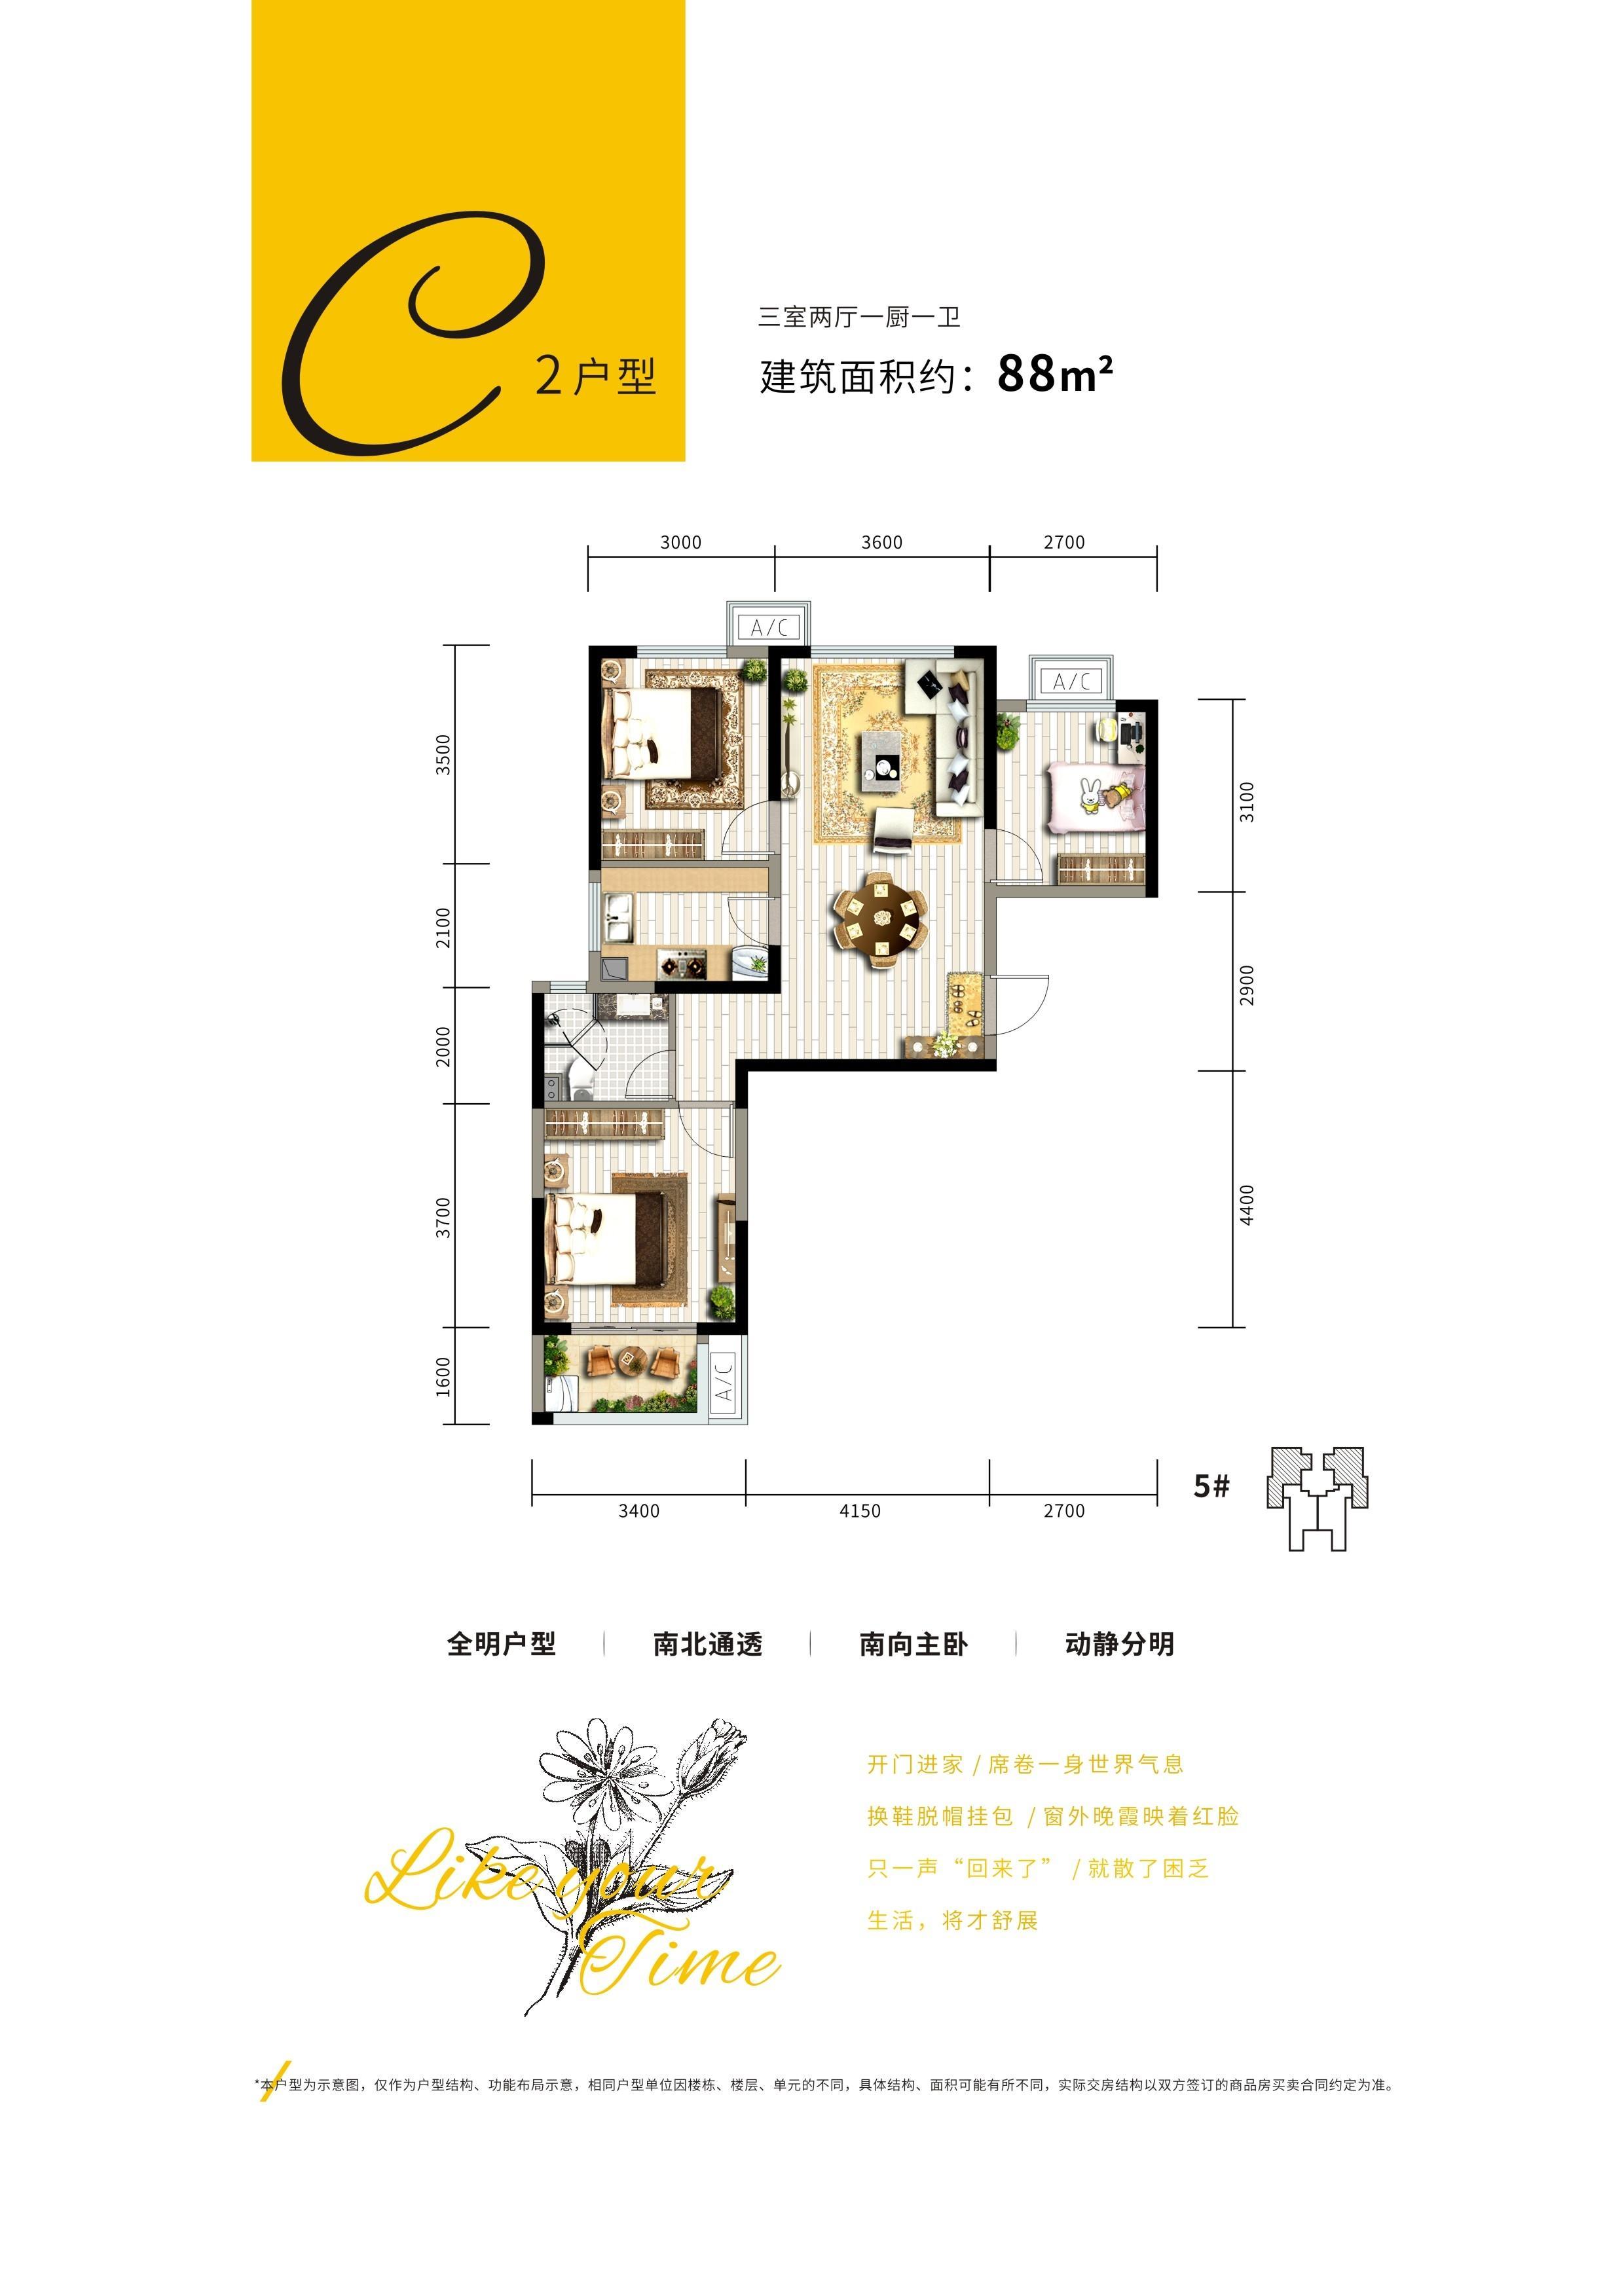 华远海蓝城6期C2户型3室2厅一厨一卫88㎡